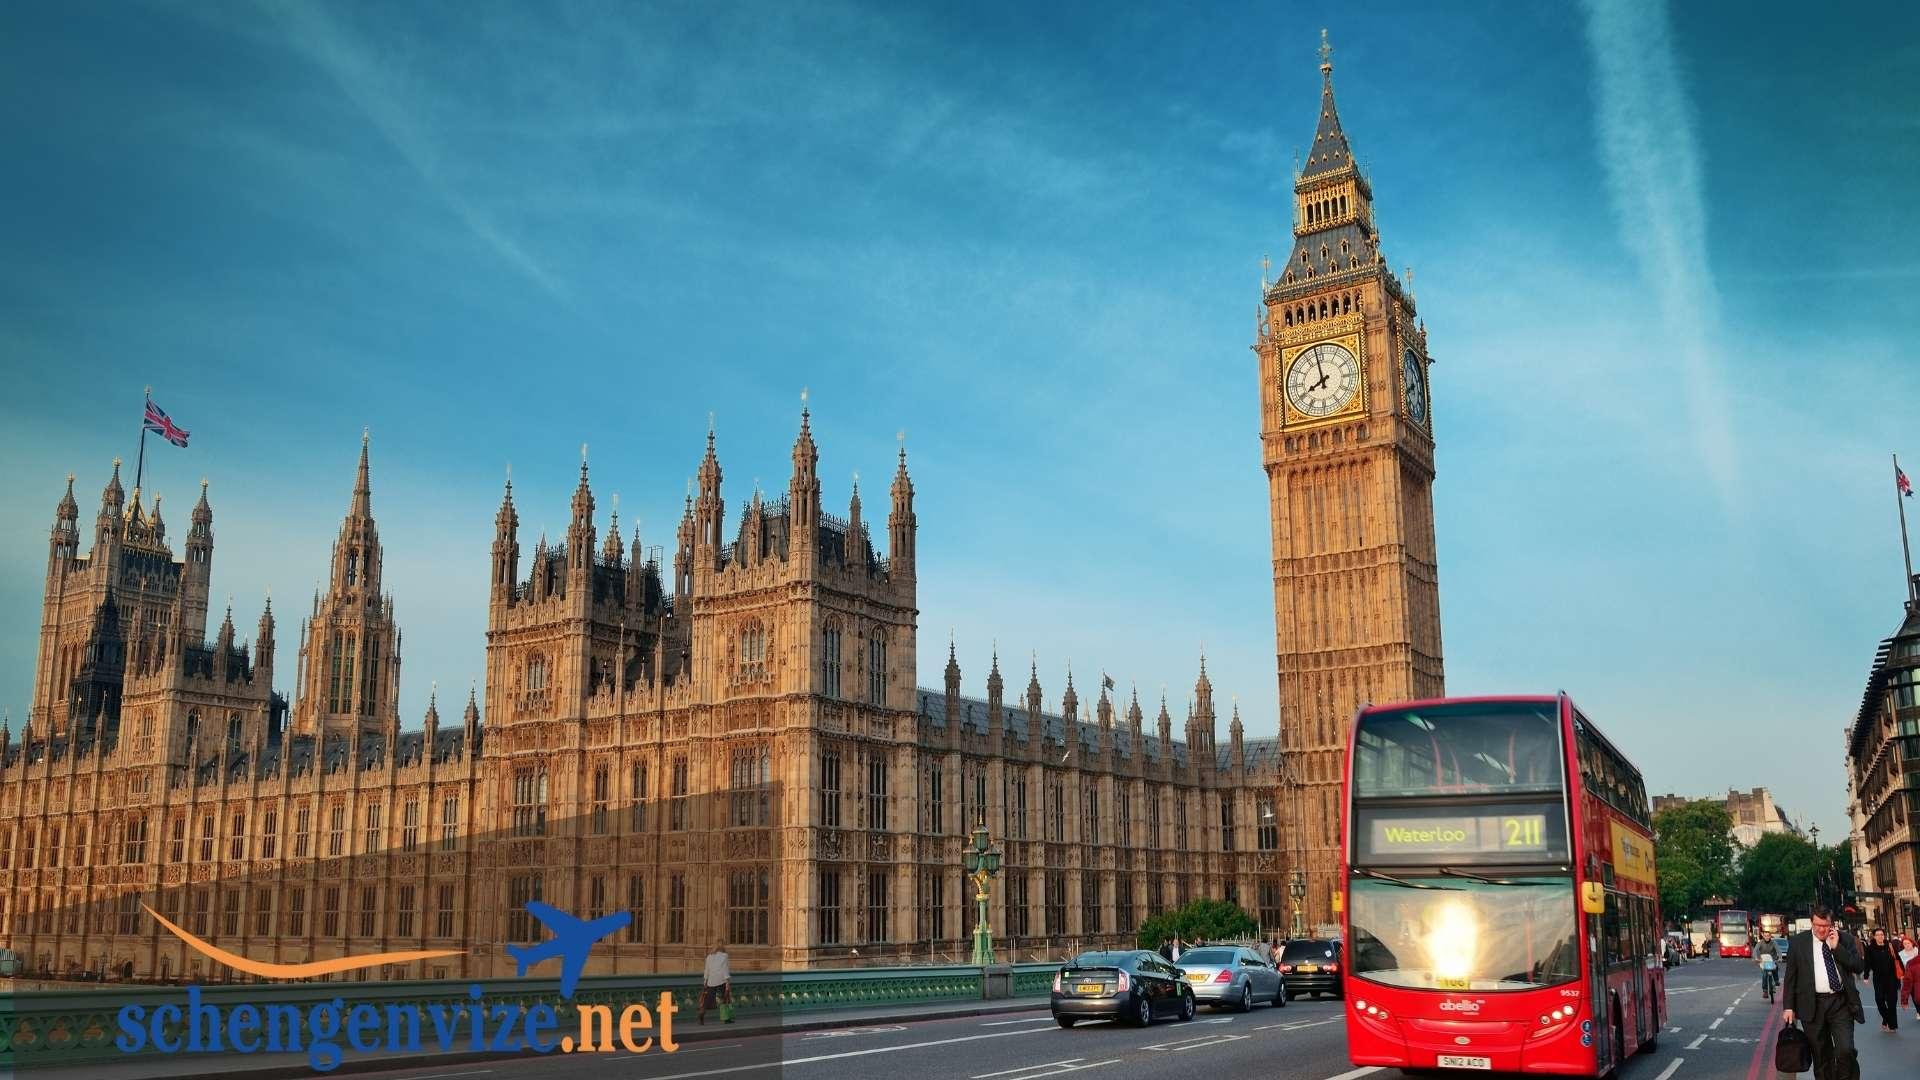 İngiltere Turistik Vize İçin Gerekli Evraklar Nelerdir?